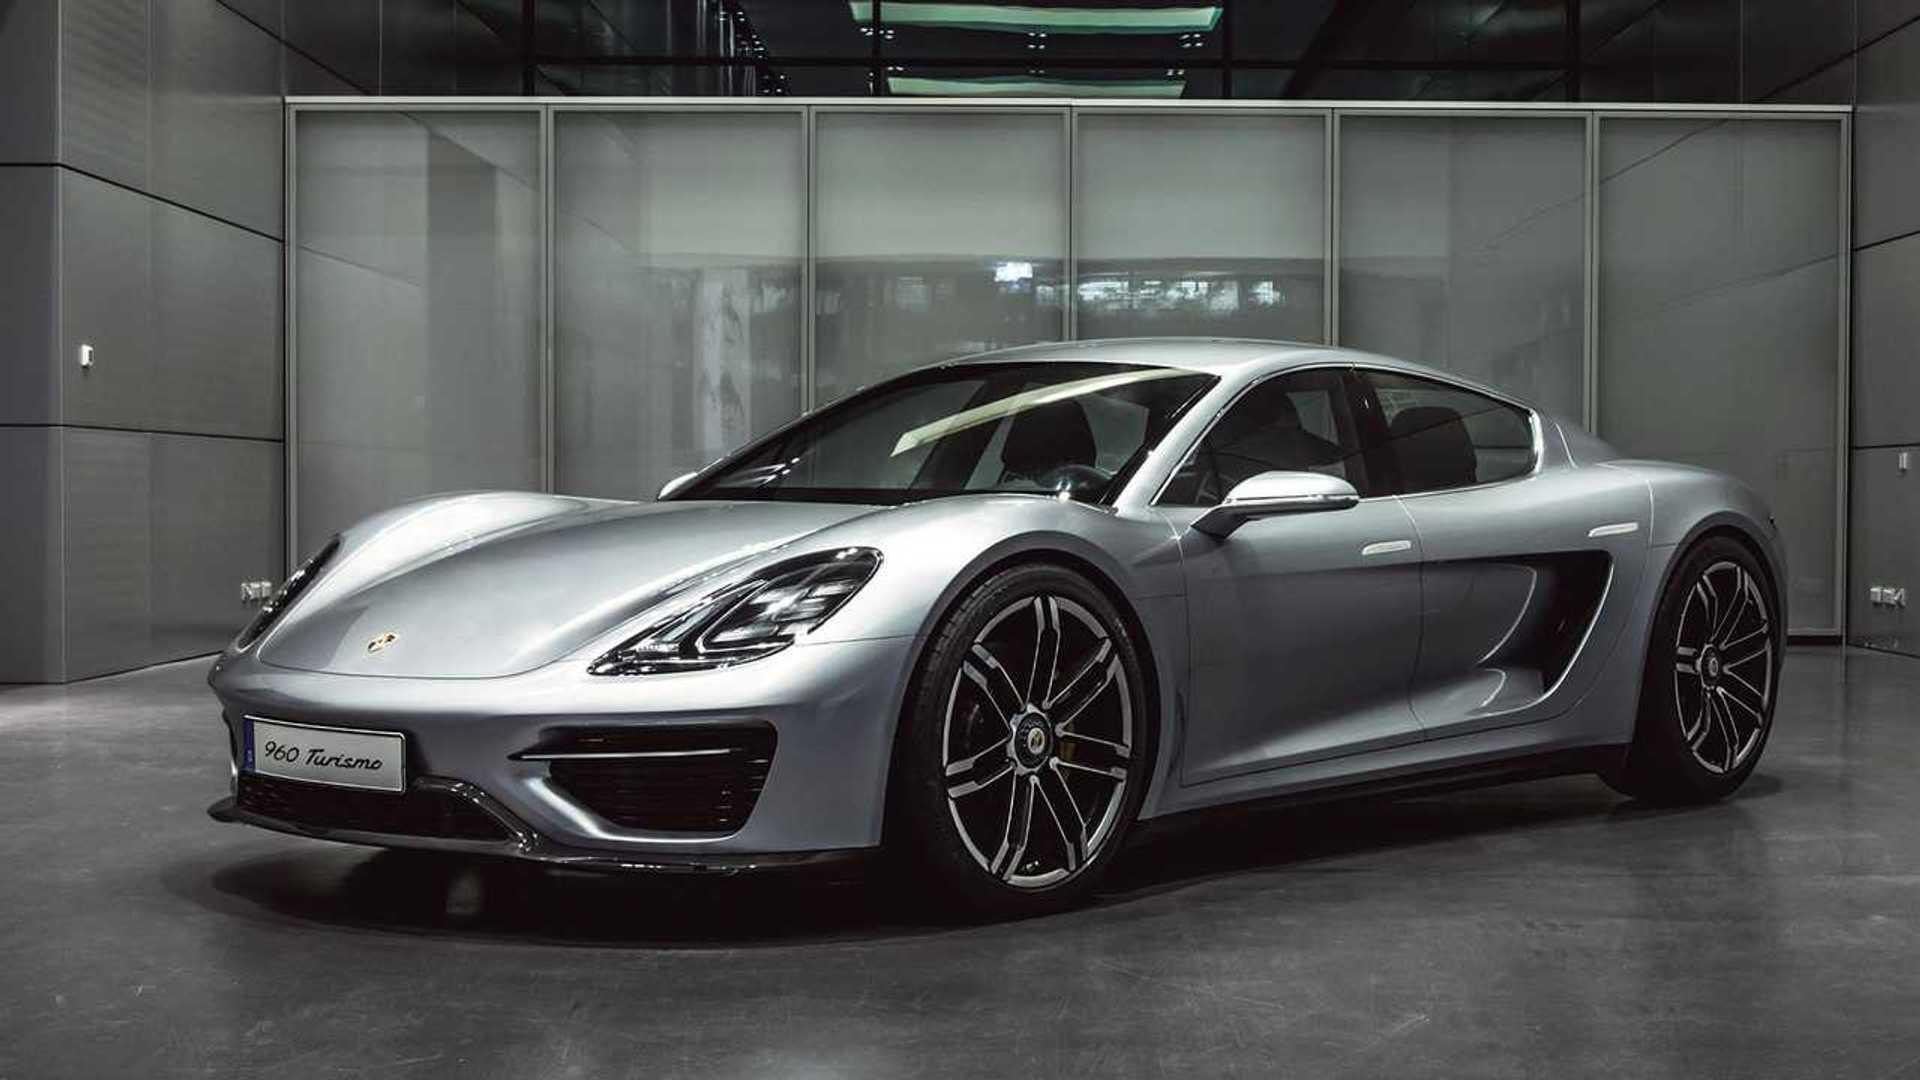 Megmutatta a Porsche azokat az autókat, amik soha nem kerültek legyártásra